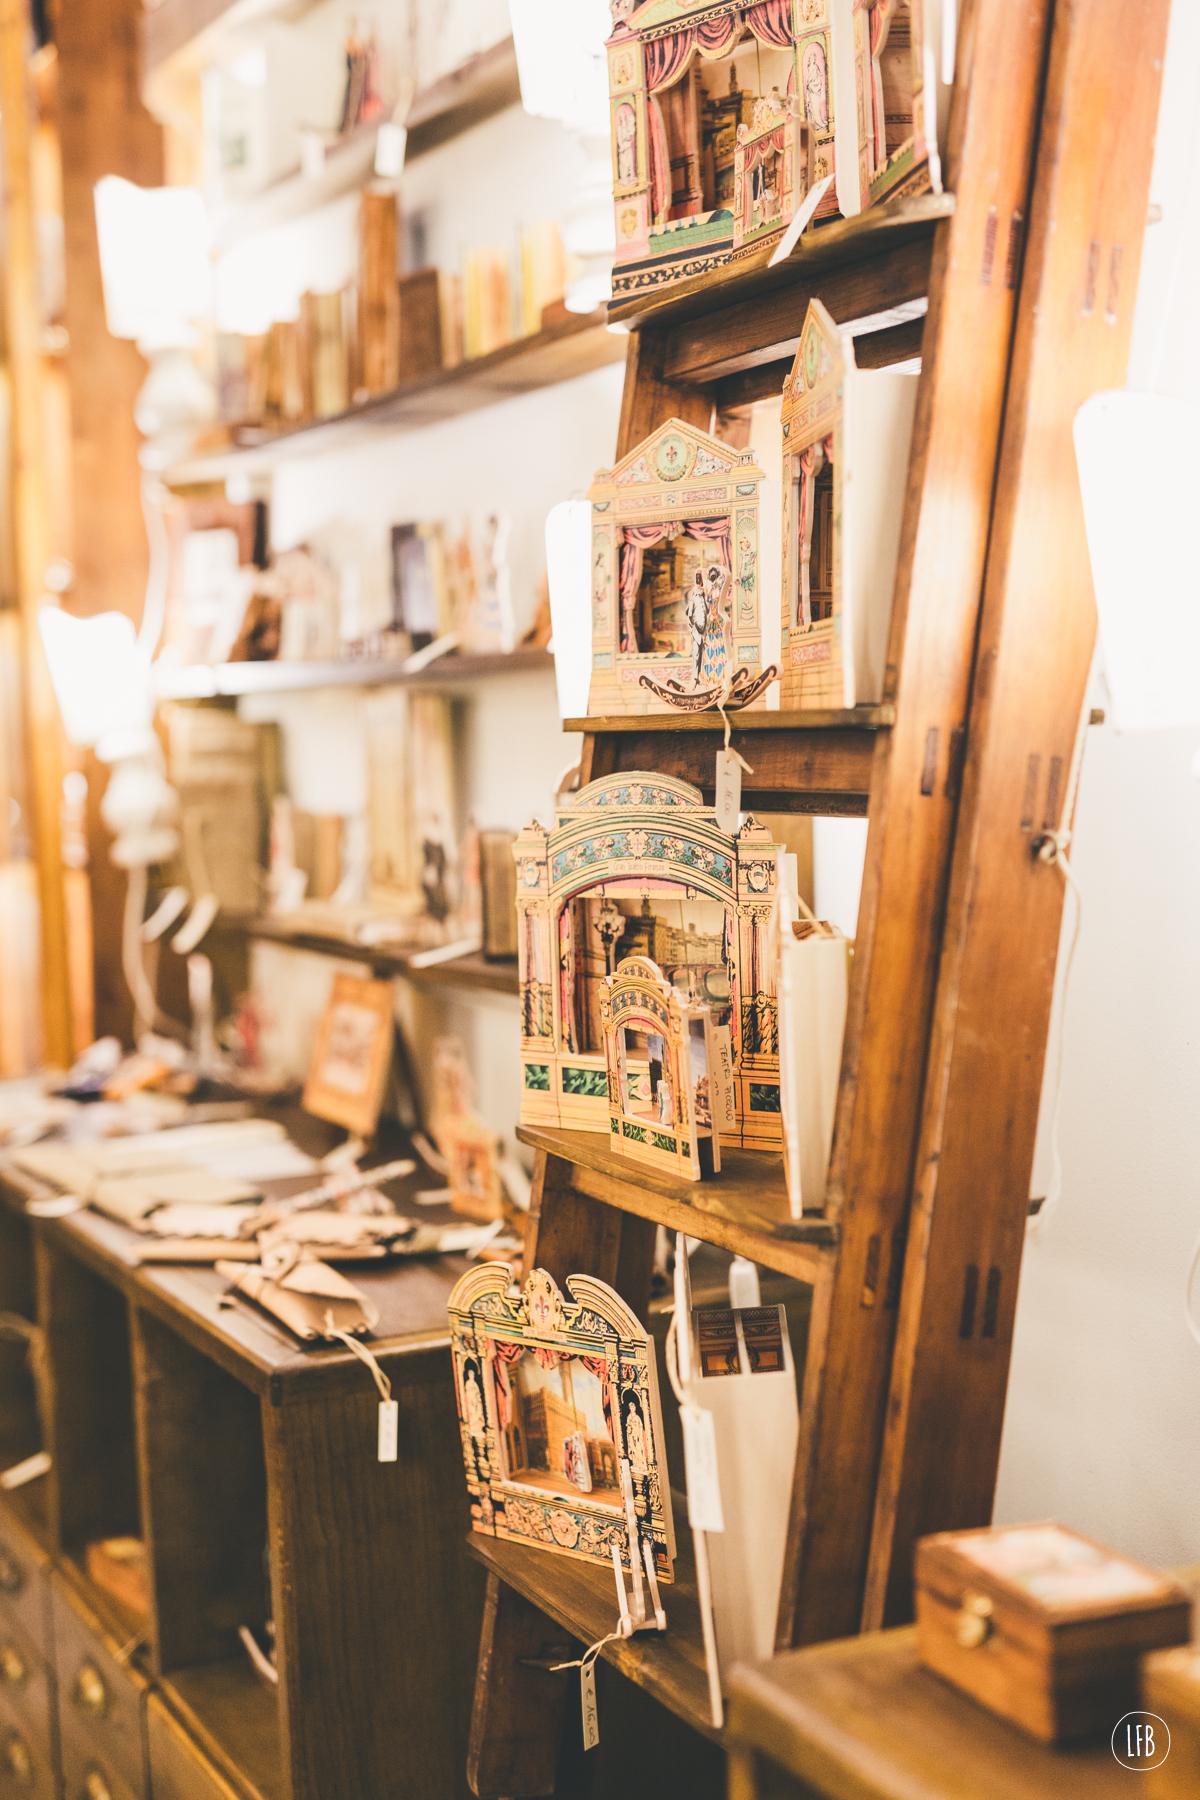 L'Arte de' Ciompi - Florece, Italy (photography by Rae Tashman - www.lovefromberlin.net)